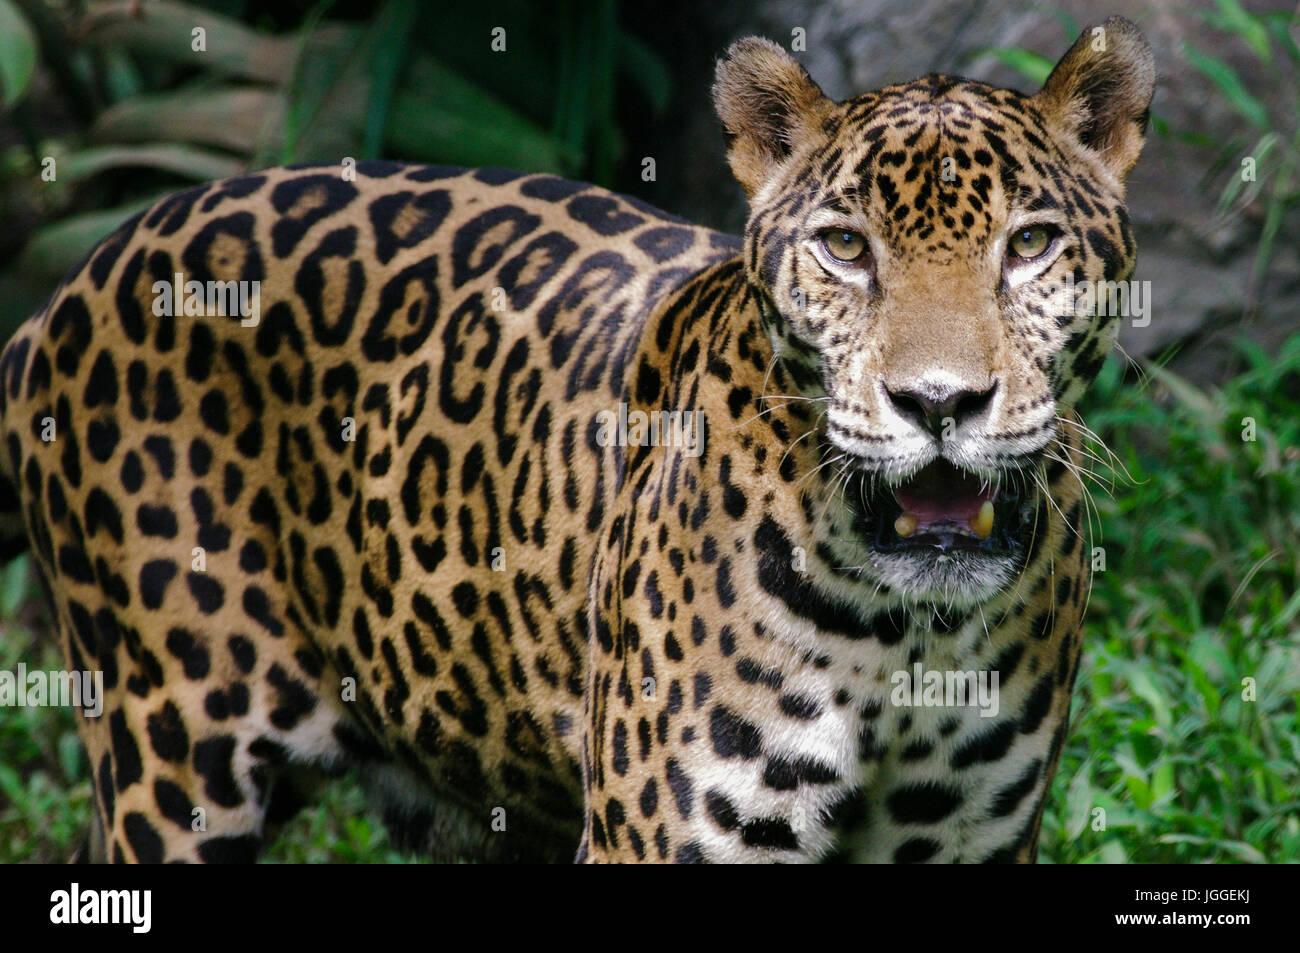 81110cf9e14 Big wild cat jaguar Panthera onca wildlife image taken in Panama - Stock  Image